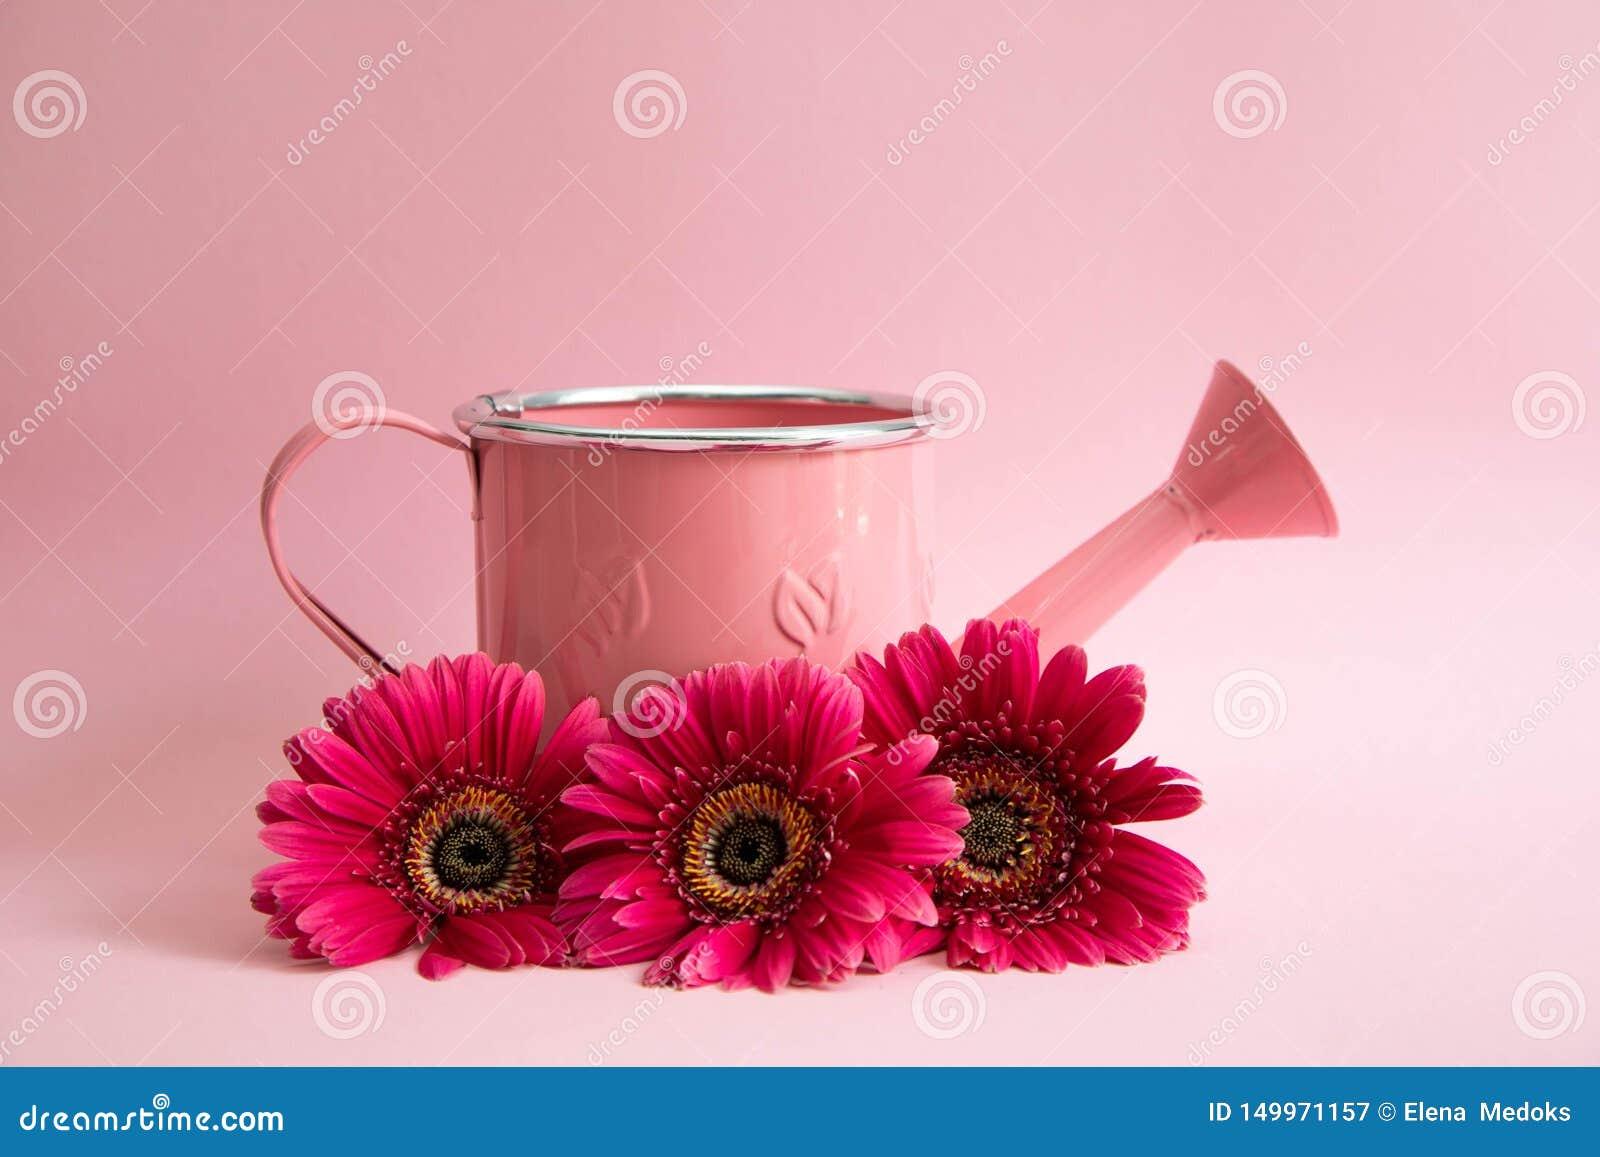 Regadera rosada vacía con tres flores de gerberas rojos Al lado de la regadera son tres margaritas carmesís en un rosa